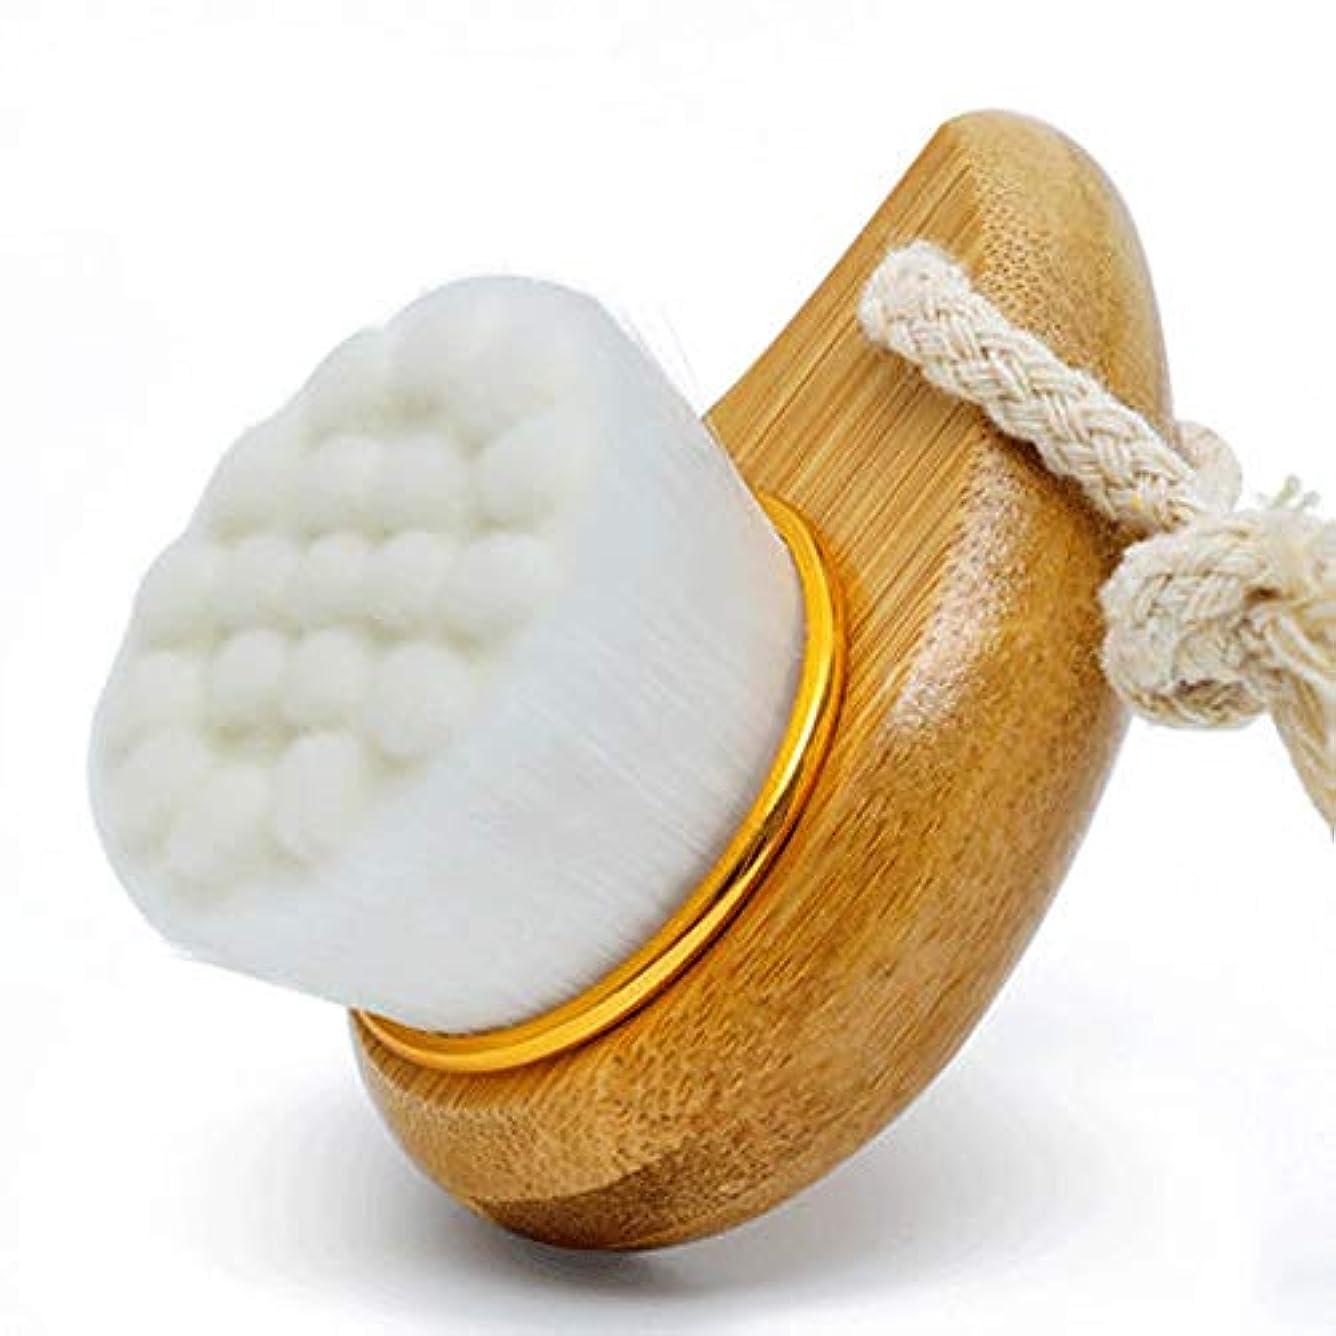 古い疫病ファックスHEHUIHUI- クレンジングブラシ、防水ディープクレンジングポア、電気剥離、にきび、アンチエイジングクレンジングブラシ(ホワイト) (Color : White)